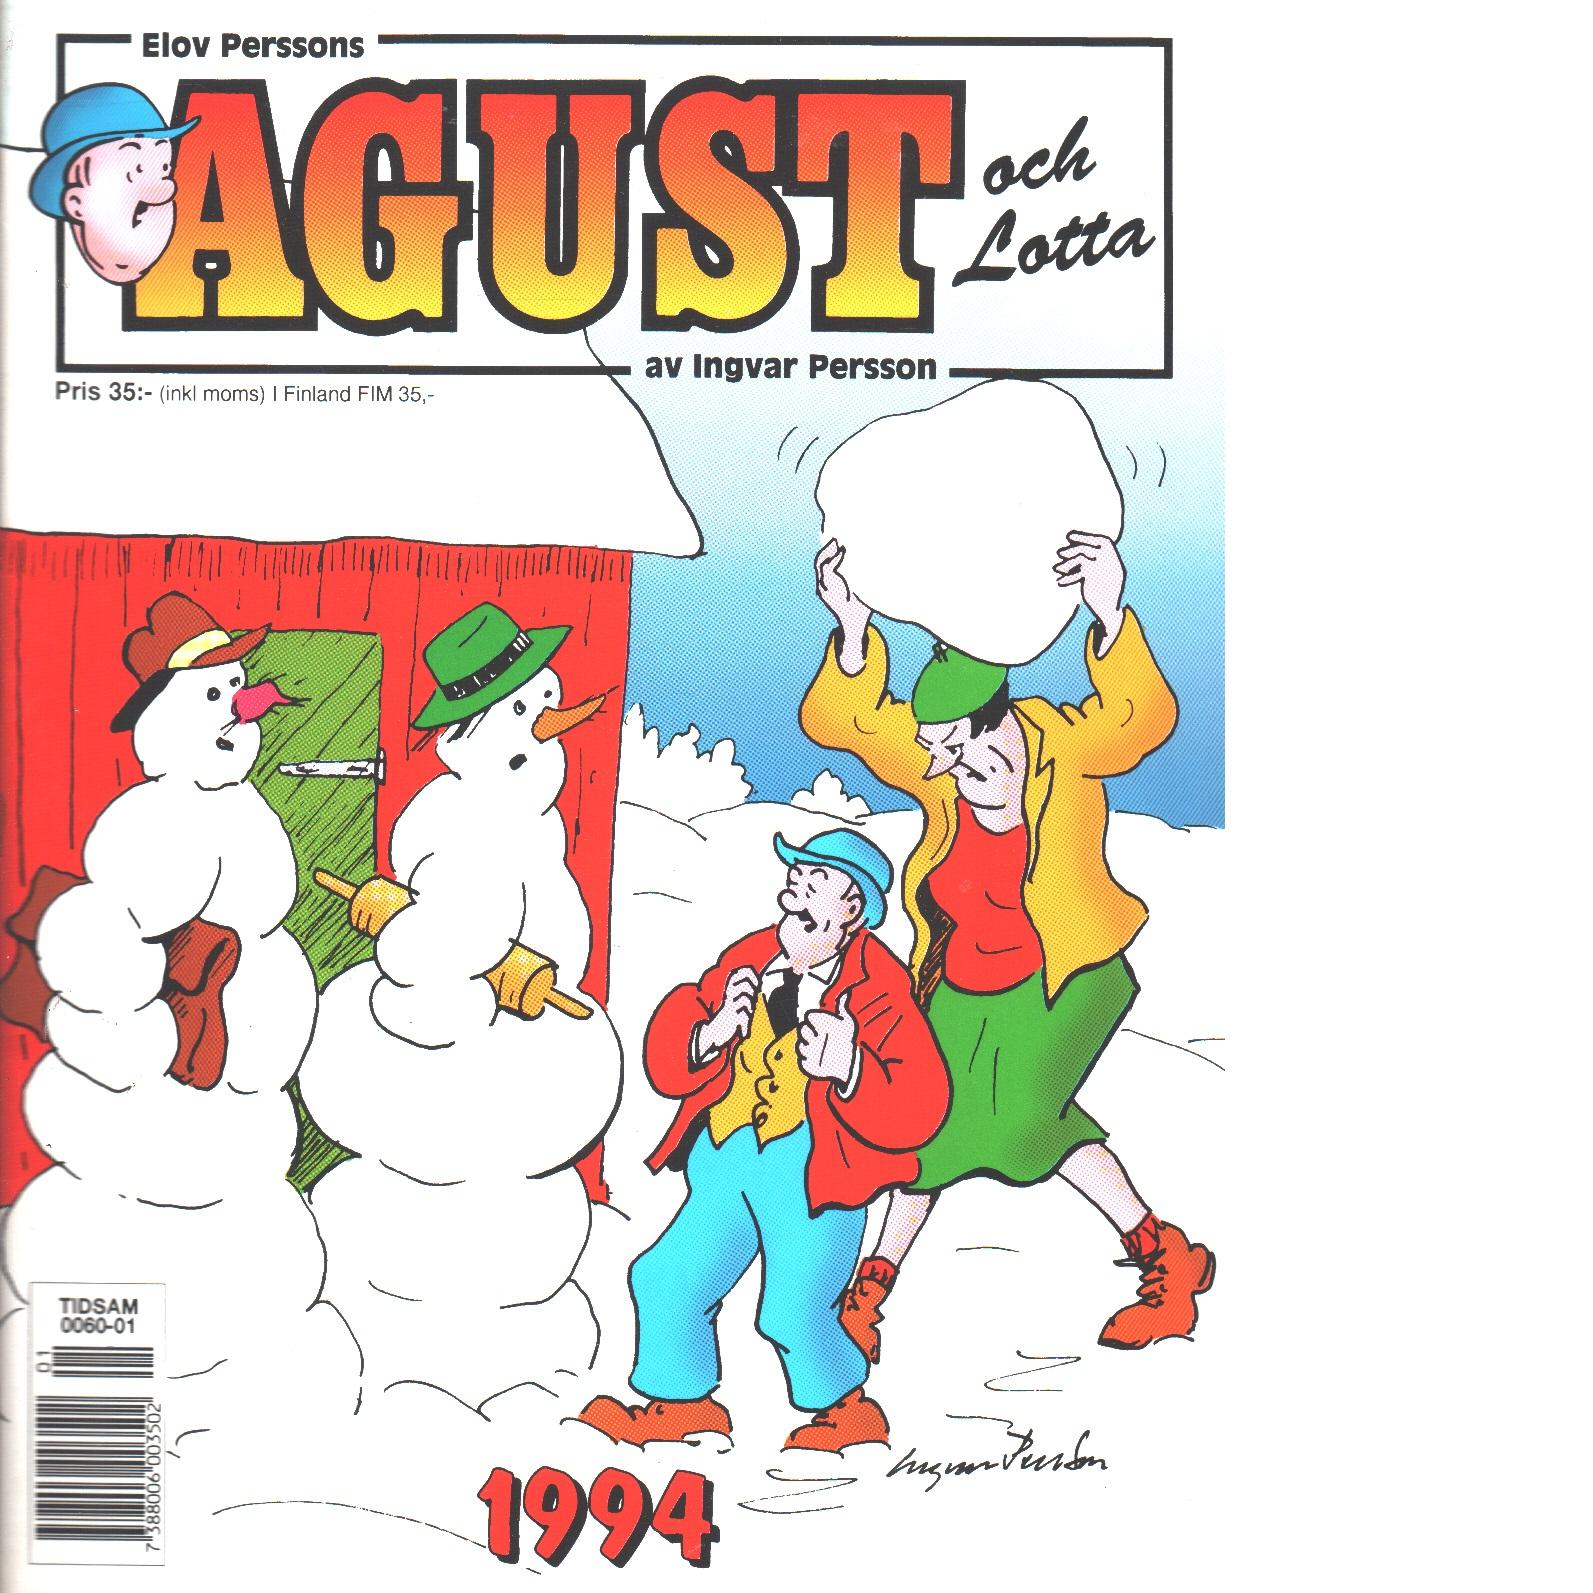 Agust och Lotta - Persson, Elov